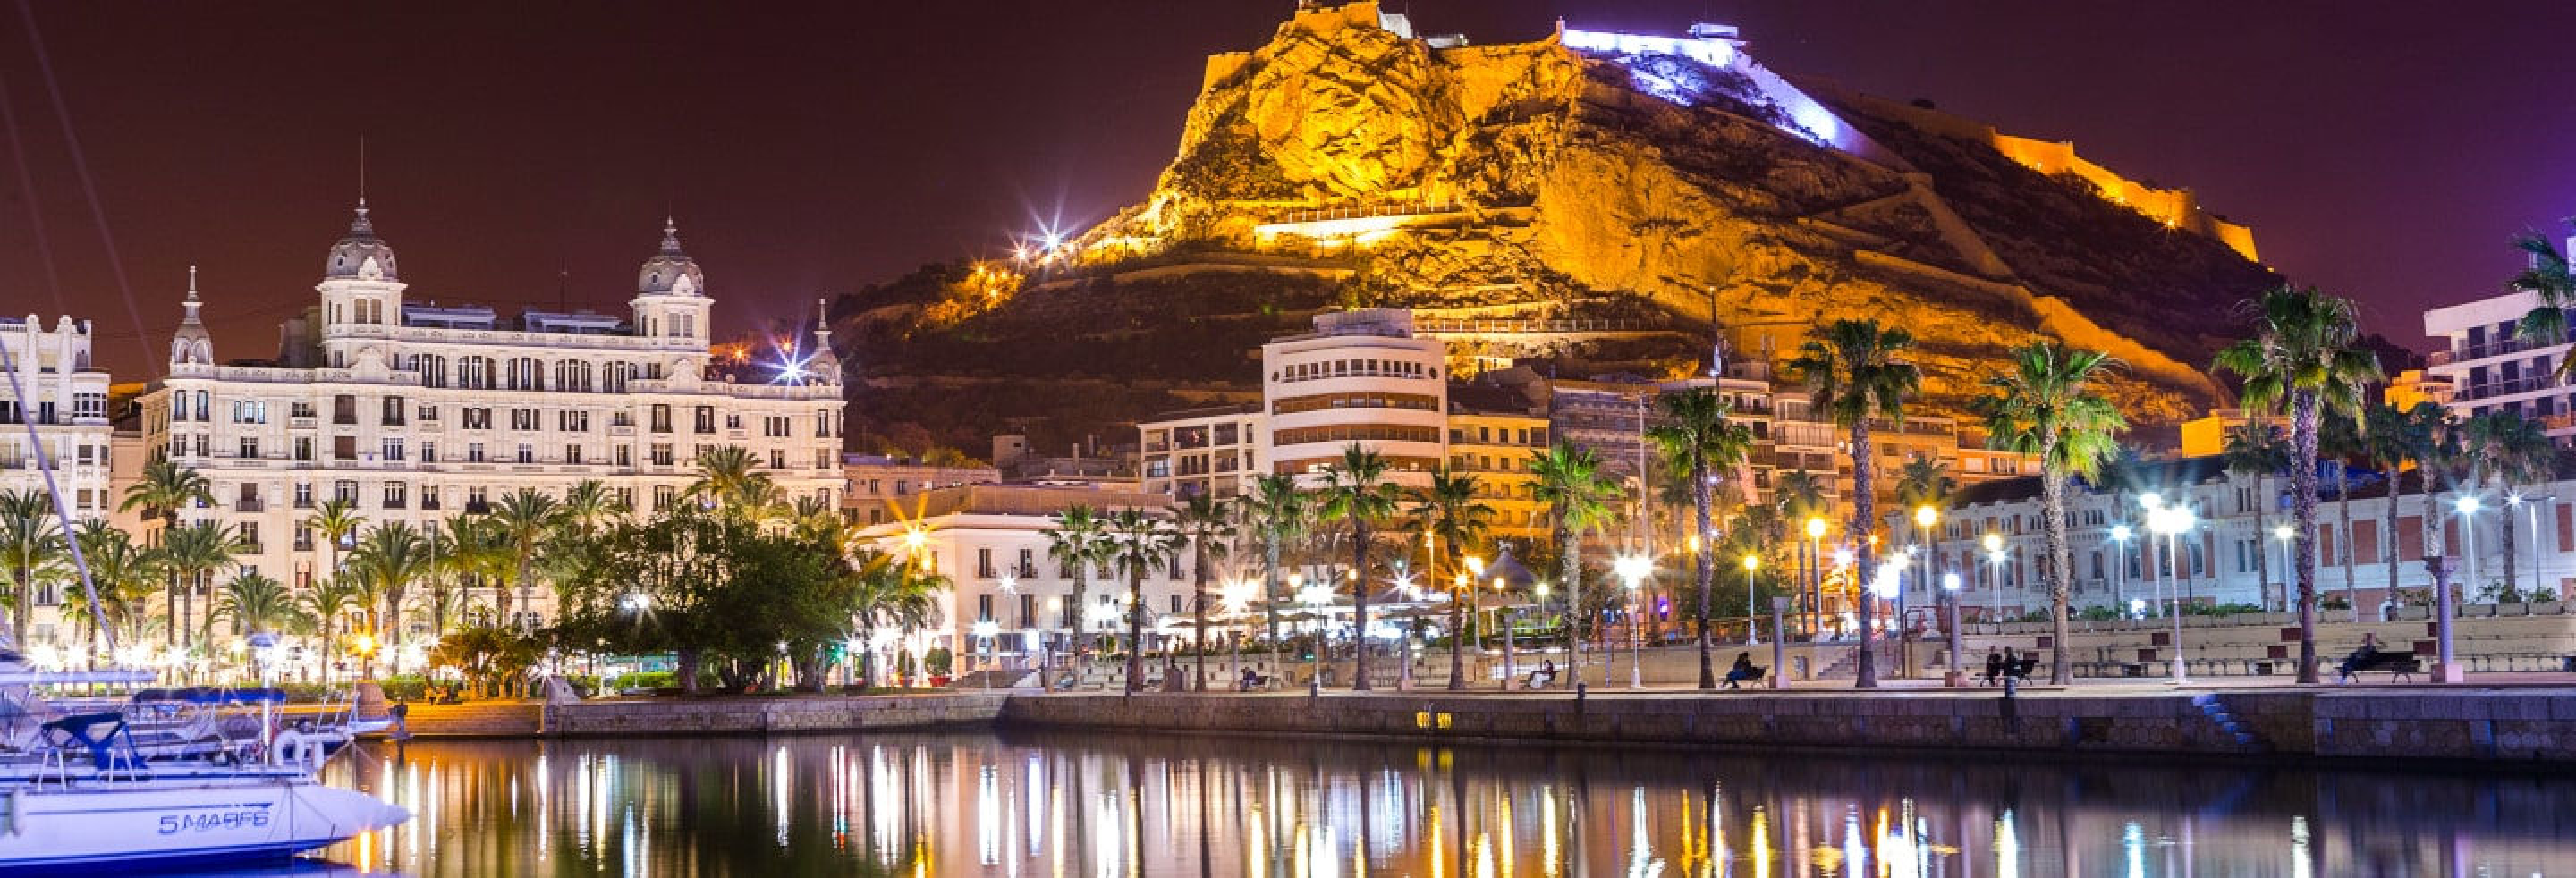 Free tour de los misterios y leyendas de Alicante ¡Gratis!